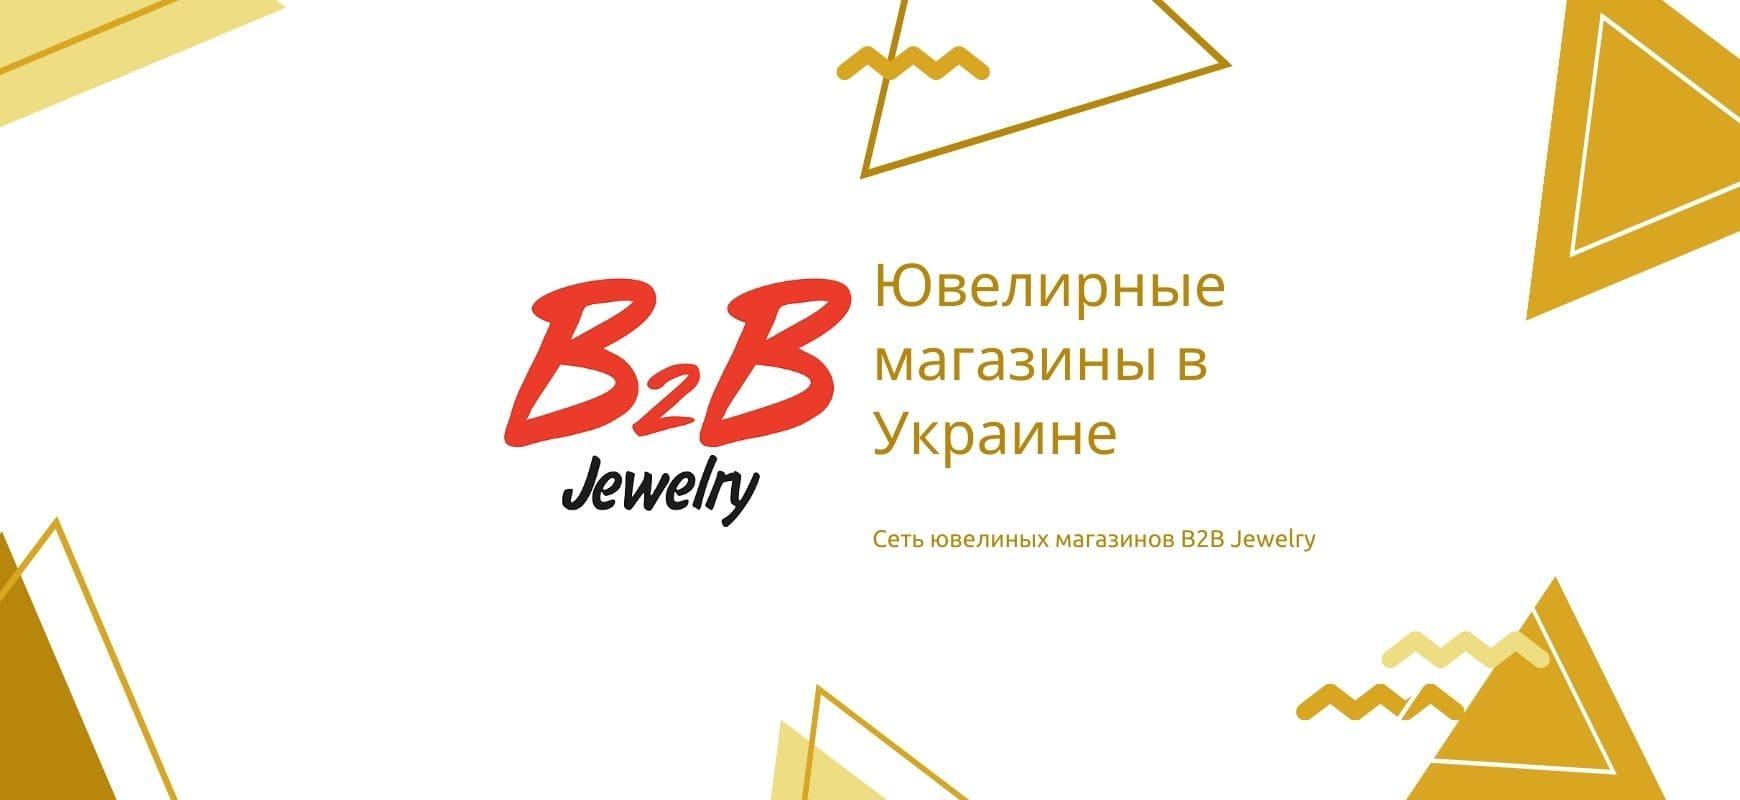 B2B Jewelry в Украине